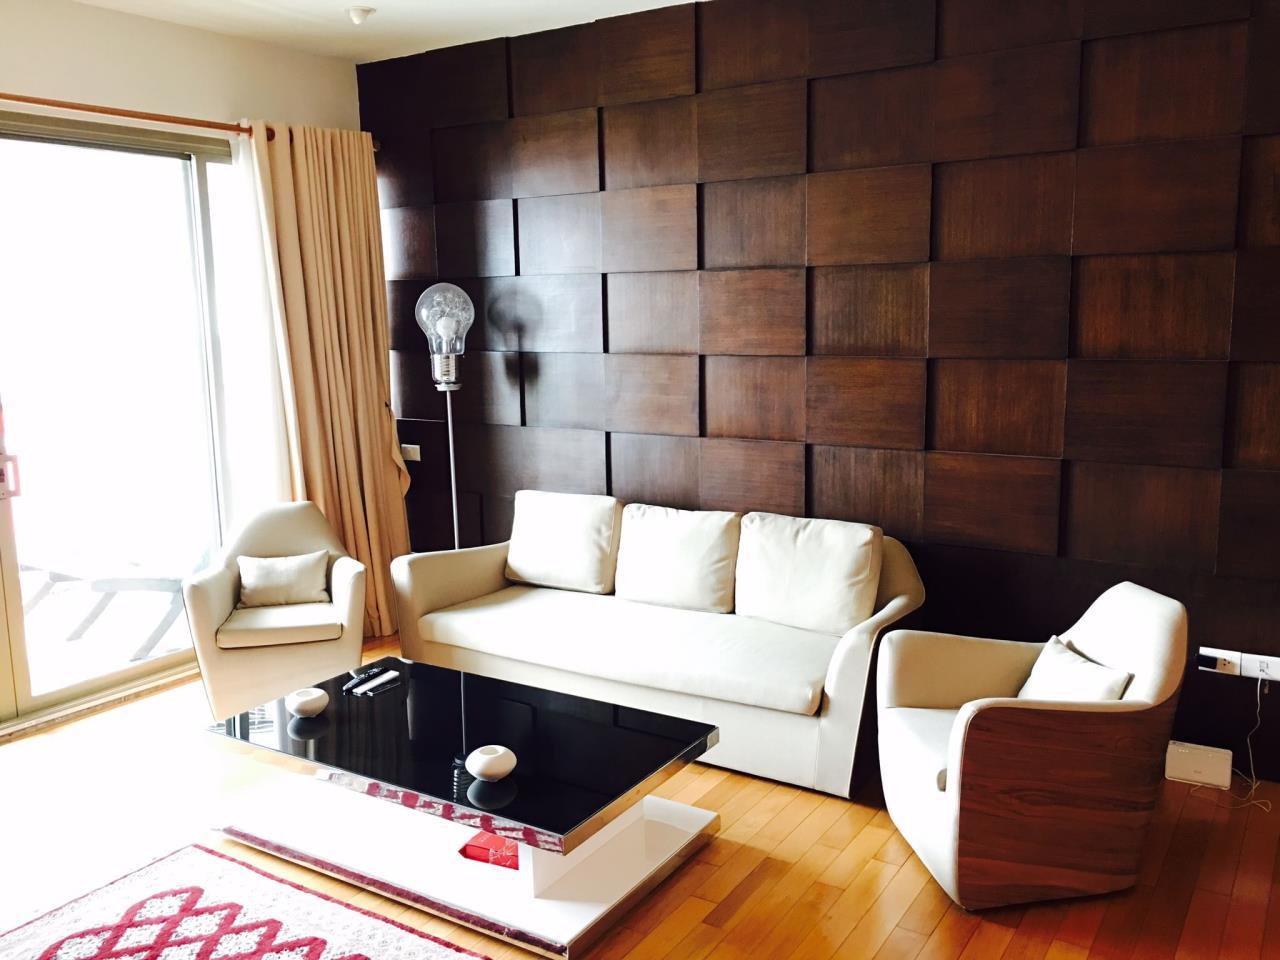 RE/MAX BestLife Agency's The Lakes, 2 Bedroom, 90K, 176SQM, High Floor, Asok 1